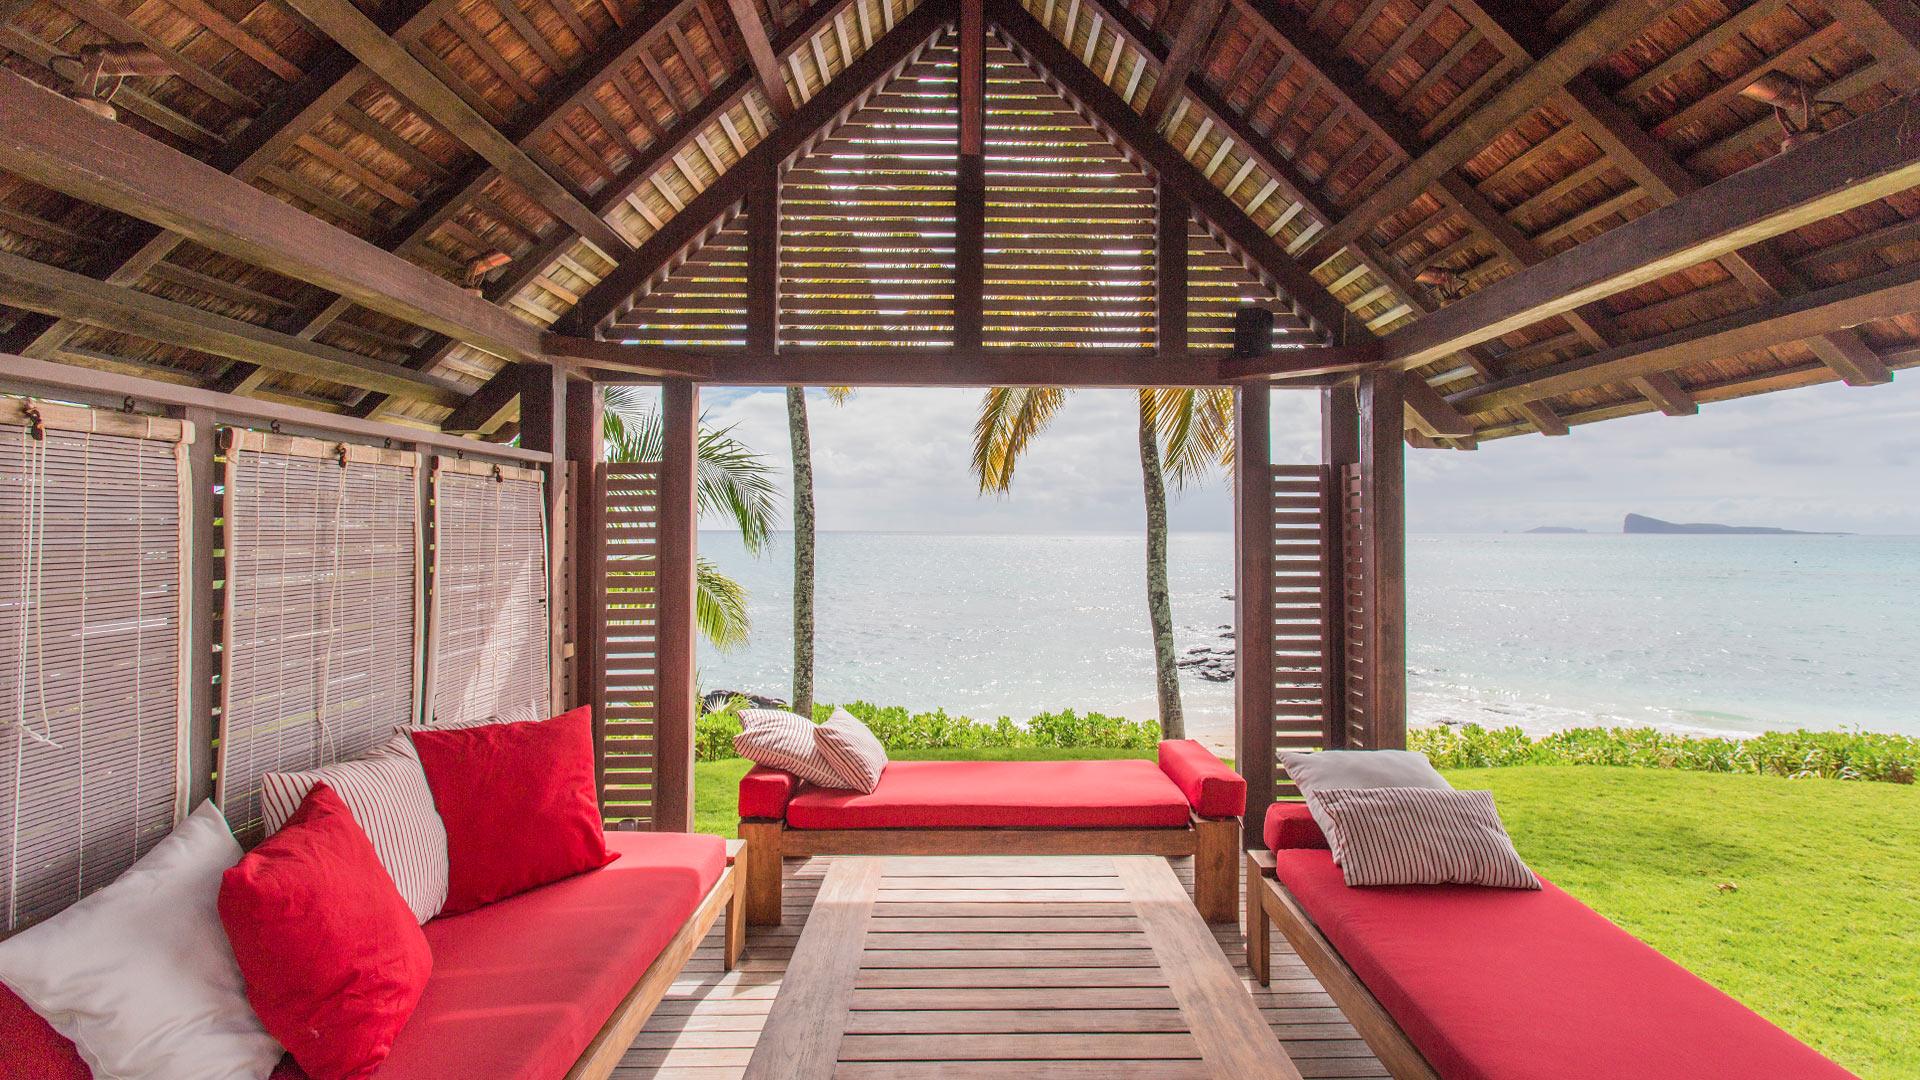 villa karma villa mieten in mauritius norden pointe aux canonniers villanovo. Black Bedroom Furniture Sets. Home Design Ideas